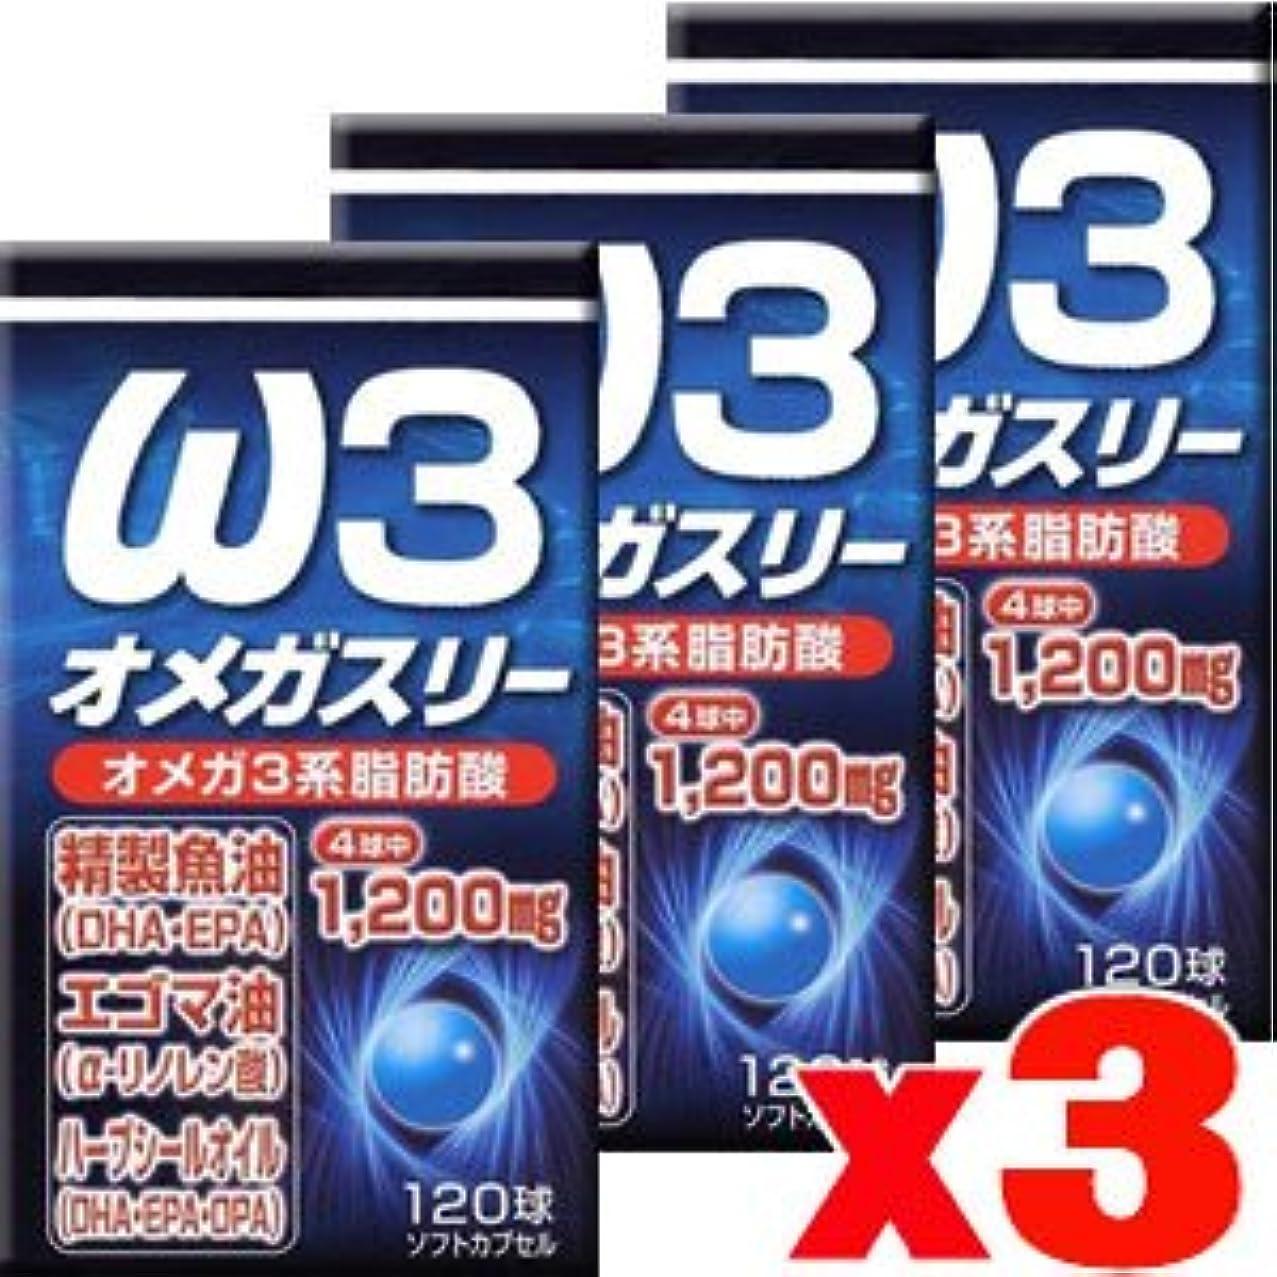 特許モーションぞっとするようなユウキ製薬 オメガスリー 120球x3個(4524326201898)